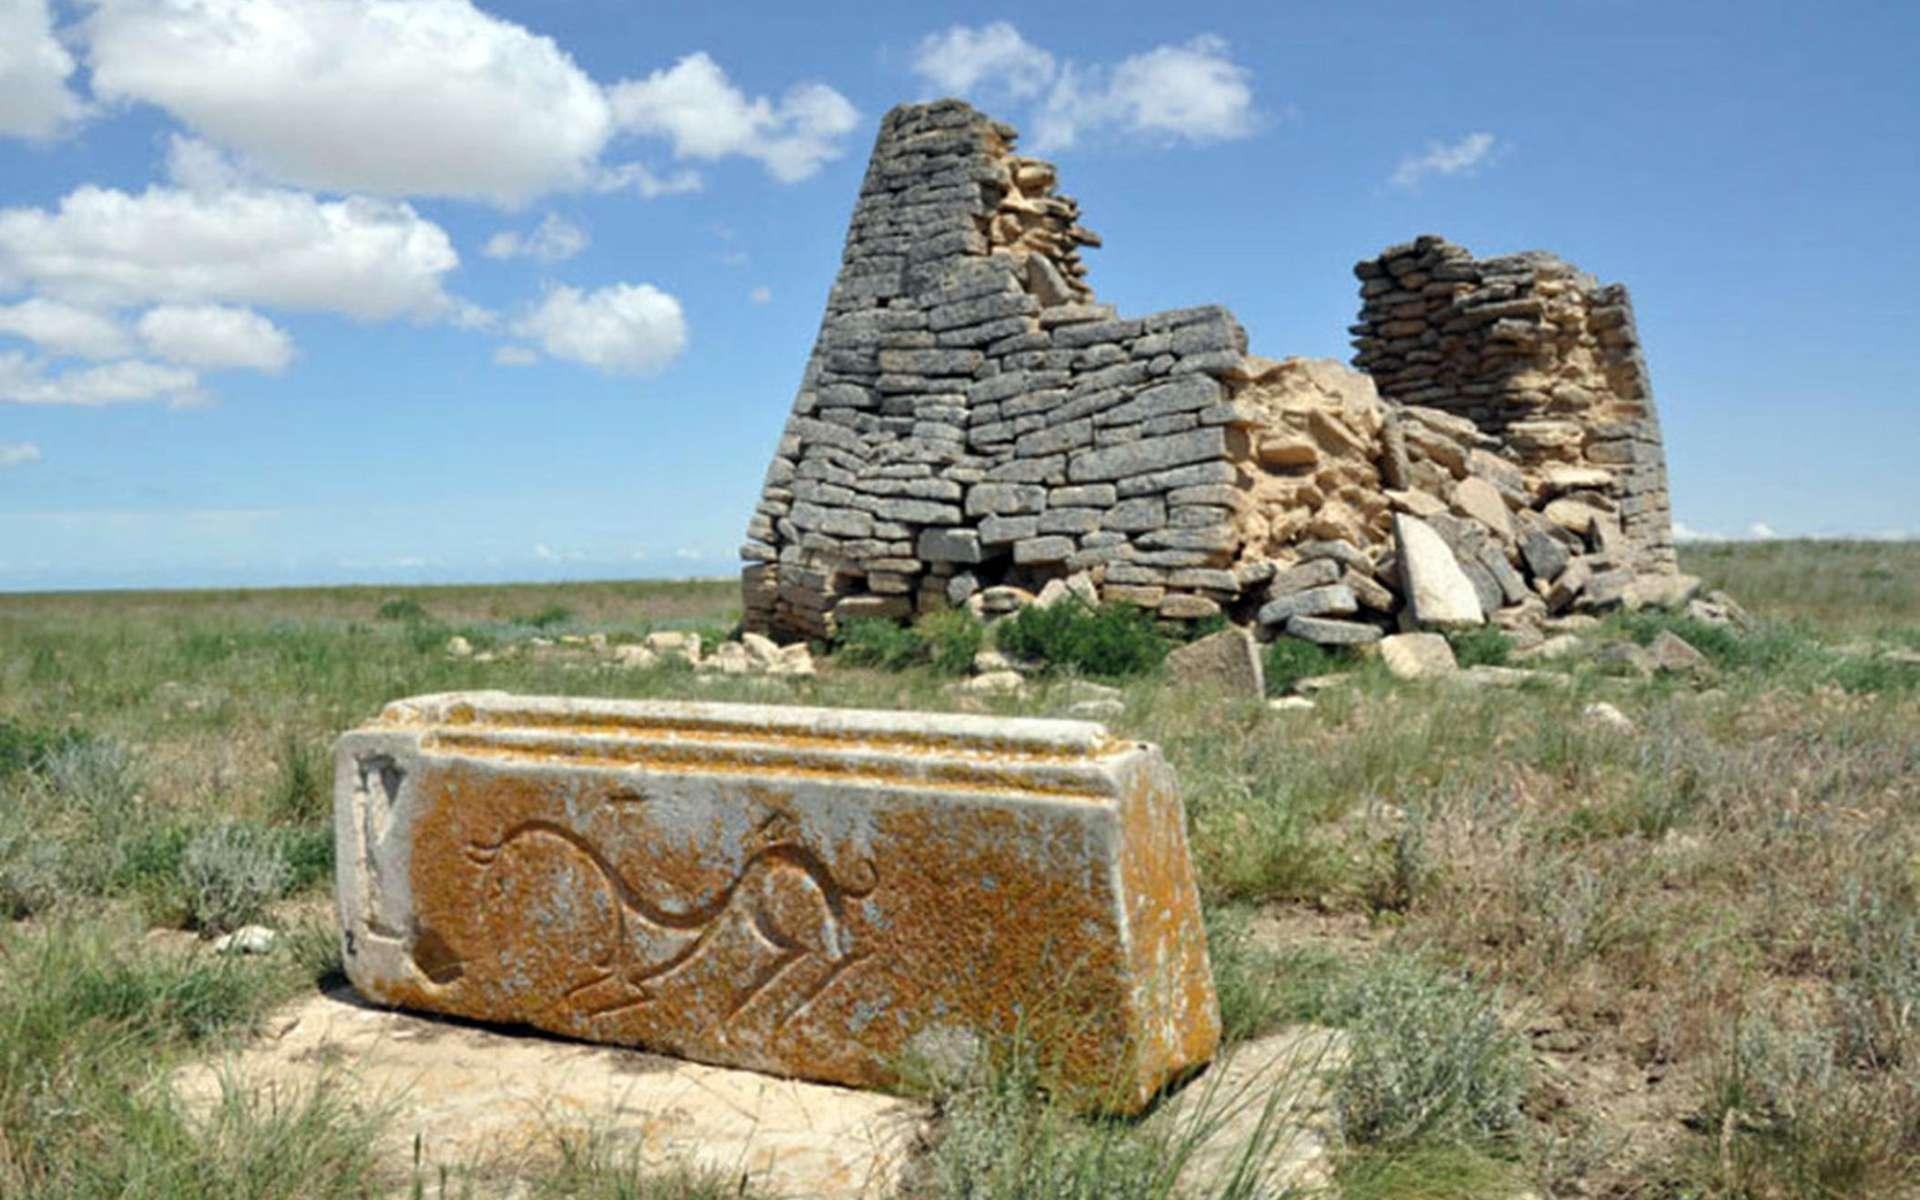 Vue de l'une des structures en pierre. Au premier plan, une pierre avec une créature sculptée. © Evgeniï Bogdanov